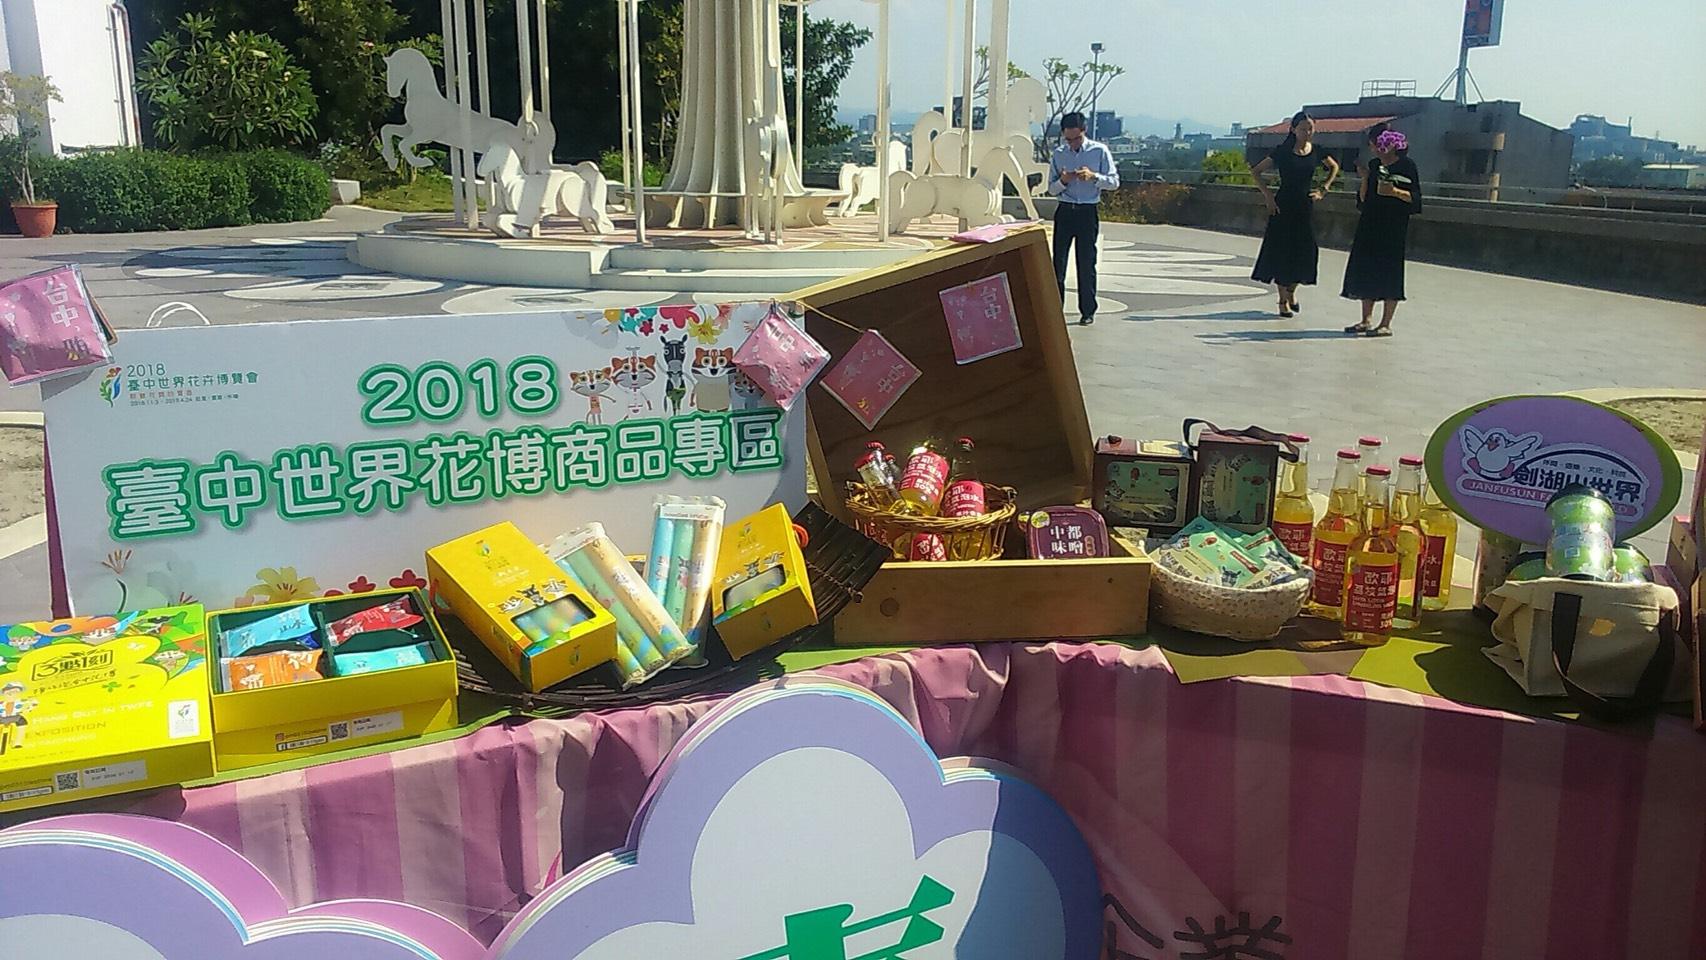 國道服務區花博宣傳起跑  遍及北中南推廣迎接花博